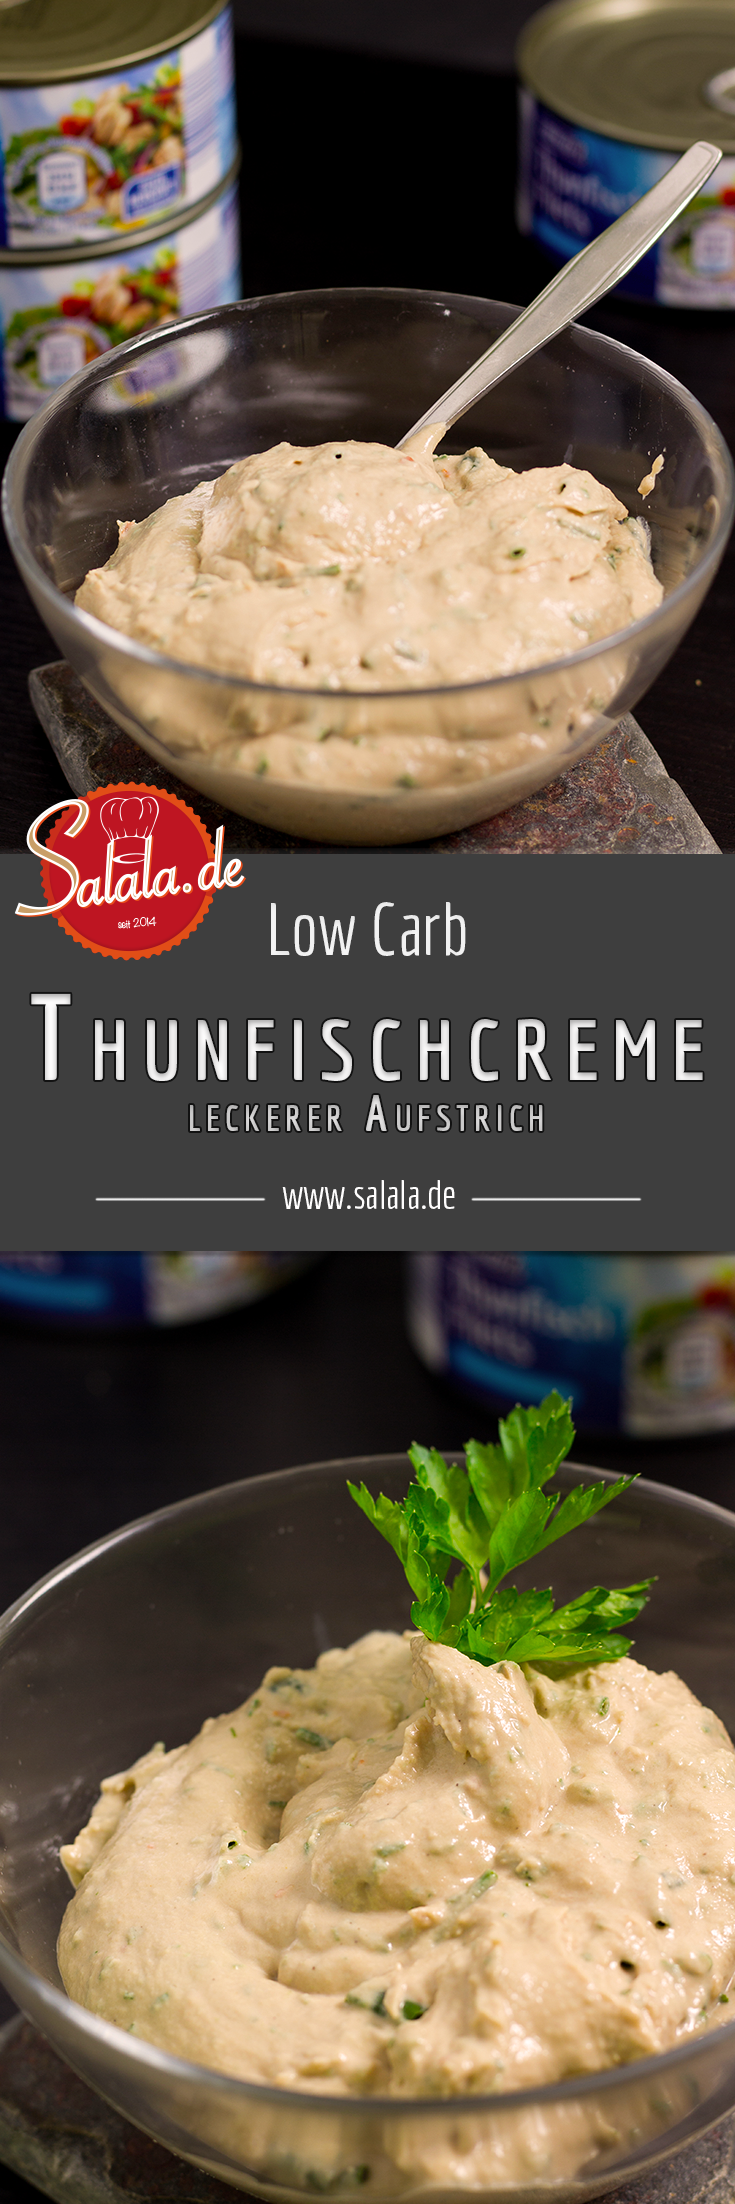 Thunfischcreme - Brotaufstrich selber machen | salala.de – Low Carb leicht gemacht